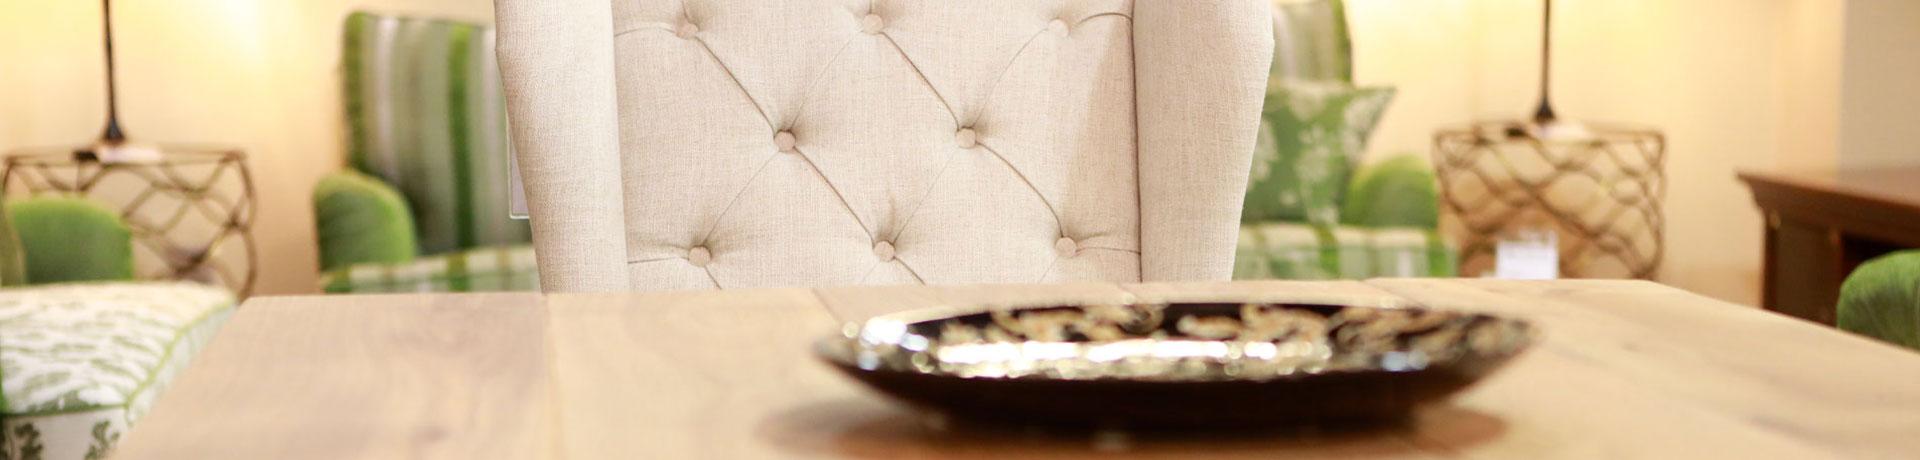 Bequemer Stuhl vor kleinem Tisch mit Dekoschale